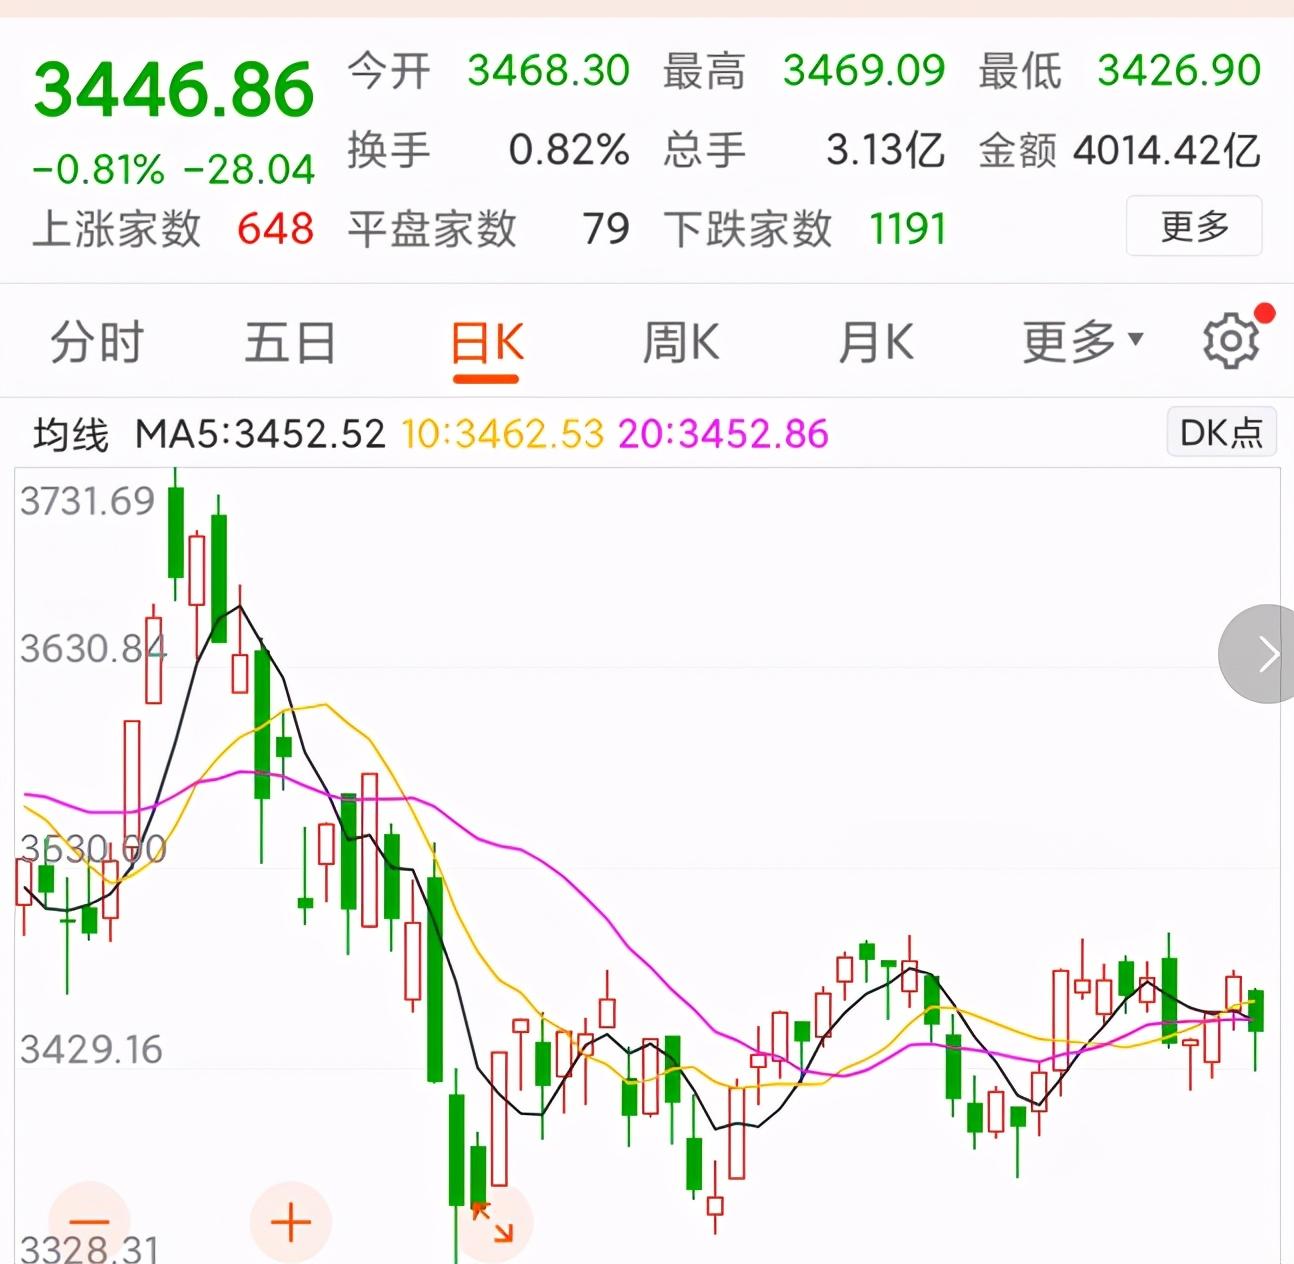 今天港股大跌,富时中国A50期货大跌,节后A股要互相伤害吗?